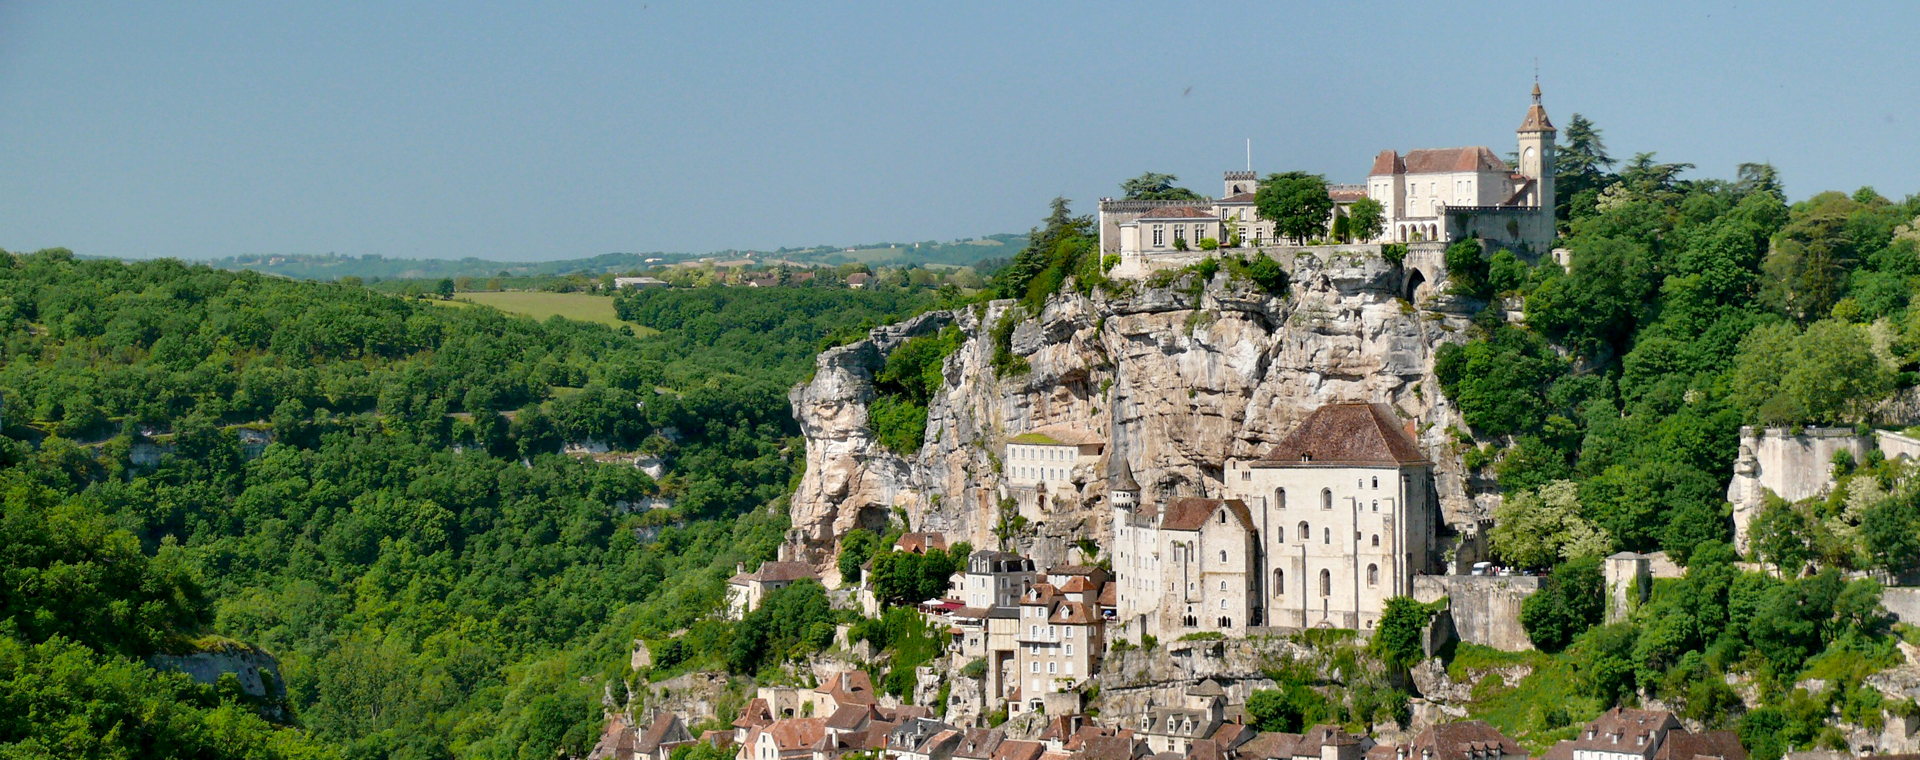 Image Chemins de Saint-Jacques : Randonnée de Conques à Cahors par Rocamadour